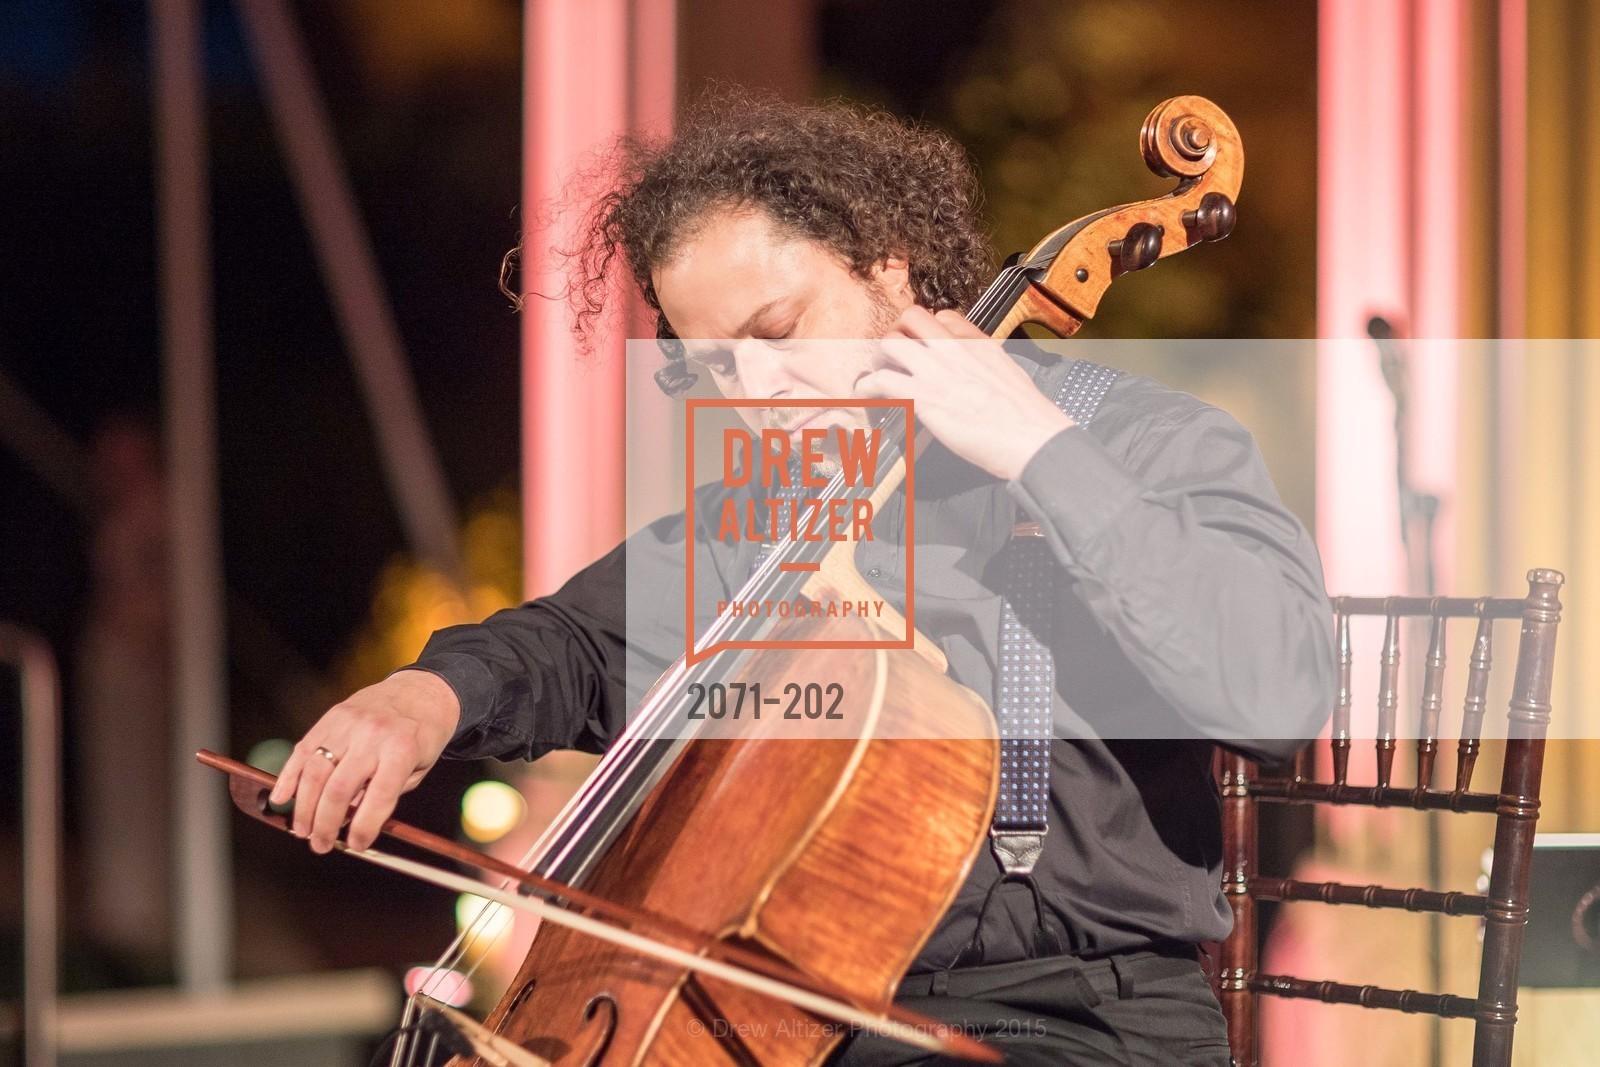 Matt Haimovitz, Photo #2071-202